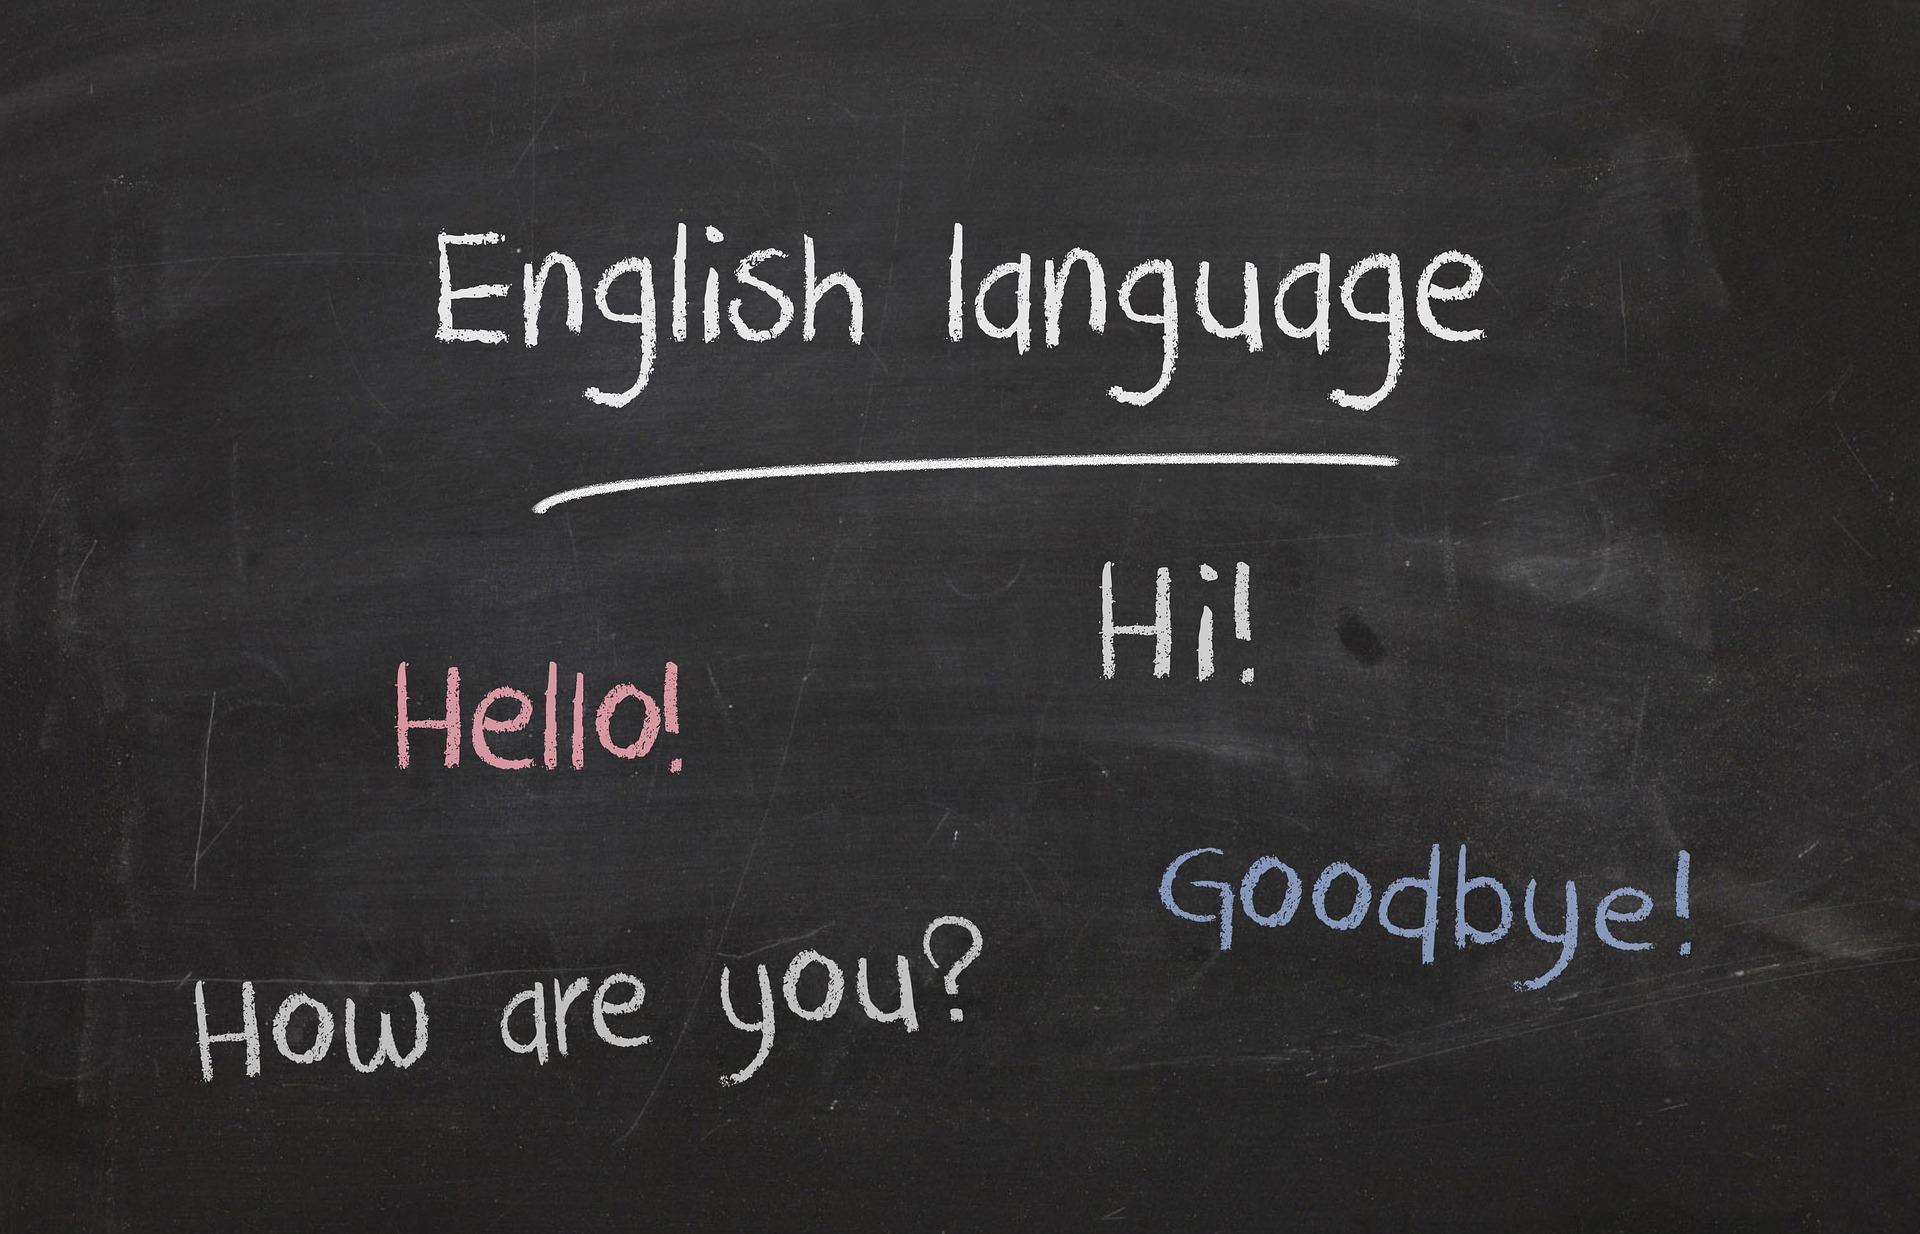 לימוד אנגלית – בואו ללמוד את השפה שכולם מדברים